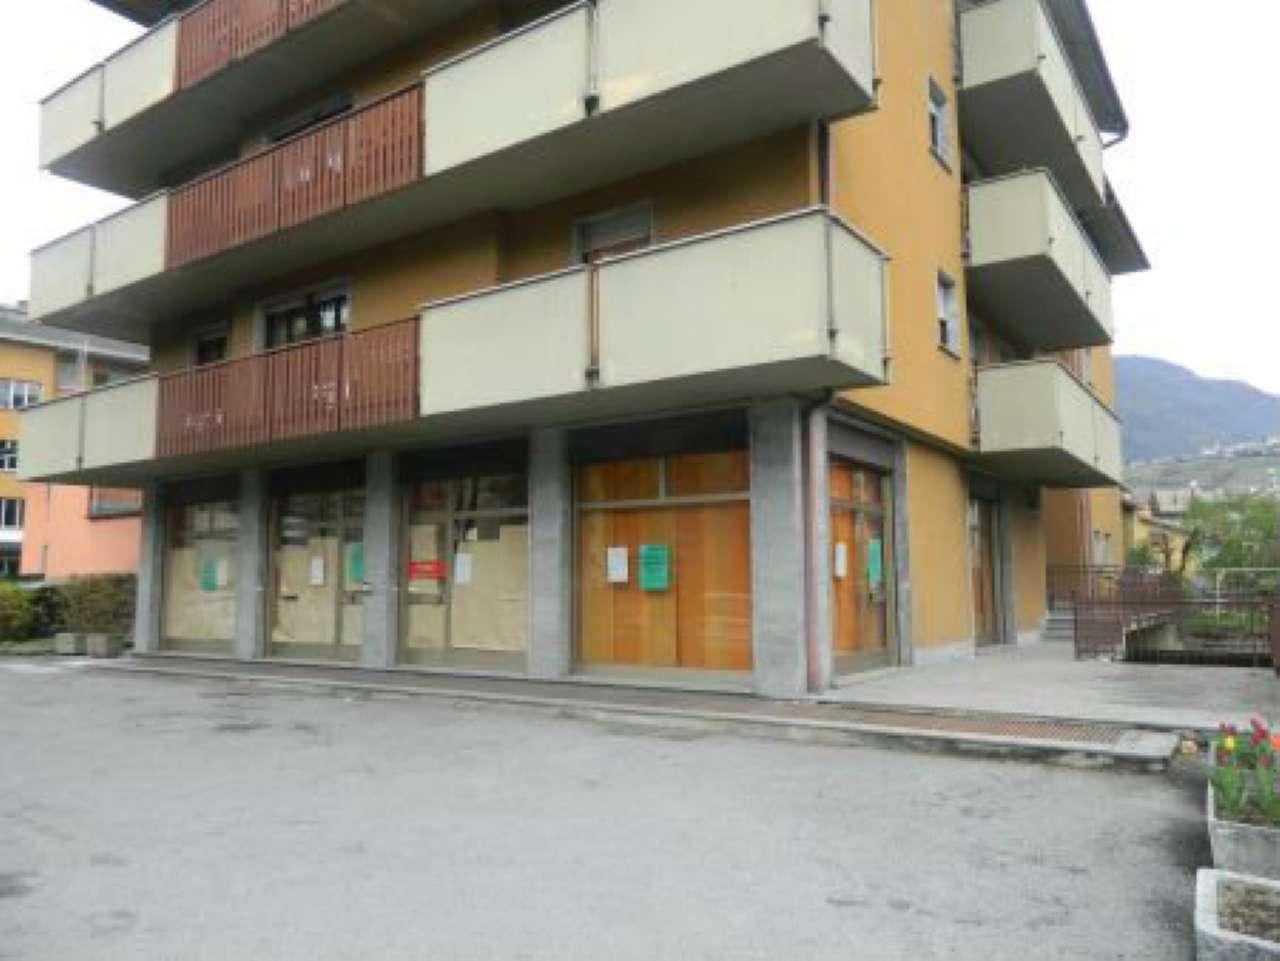 Negozio / Locale in affitto a Sondrio, 2 locali, prezzo € 1.600 | PortaleAgenzieImmobiliari.it